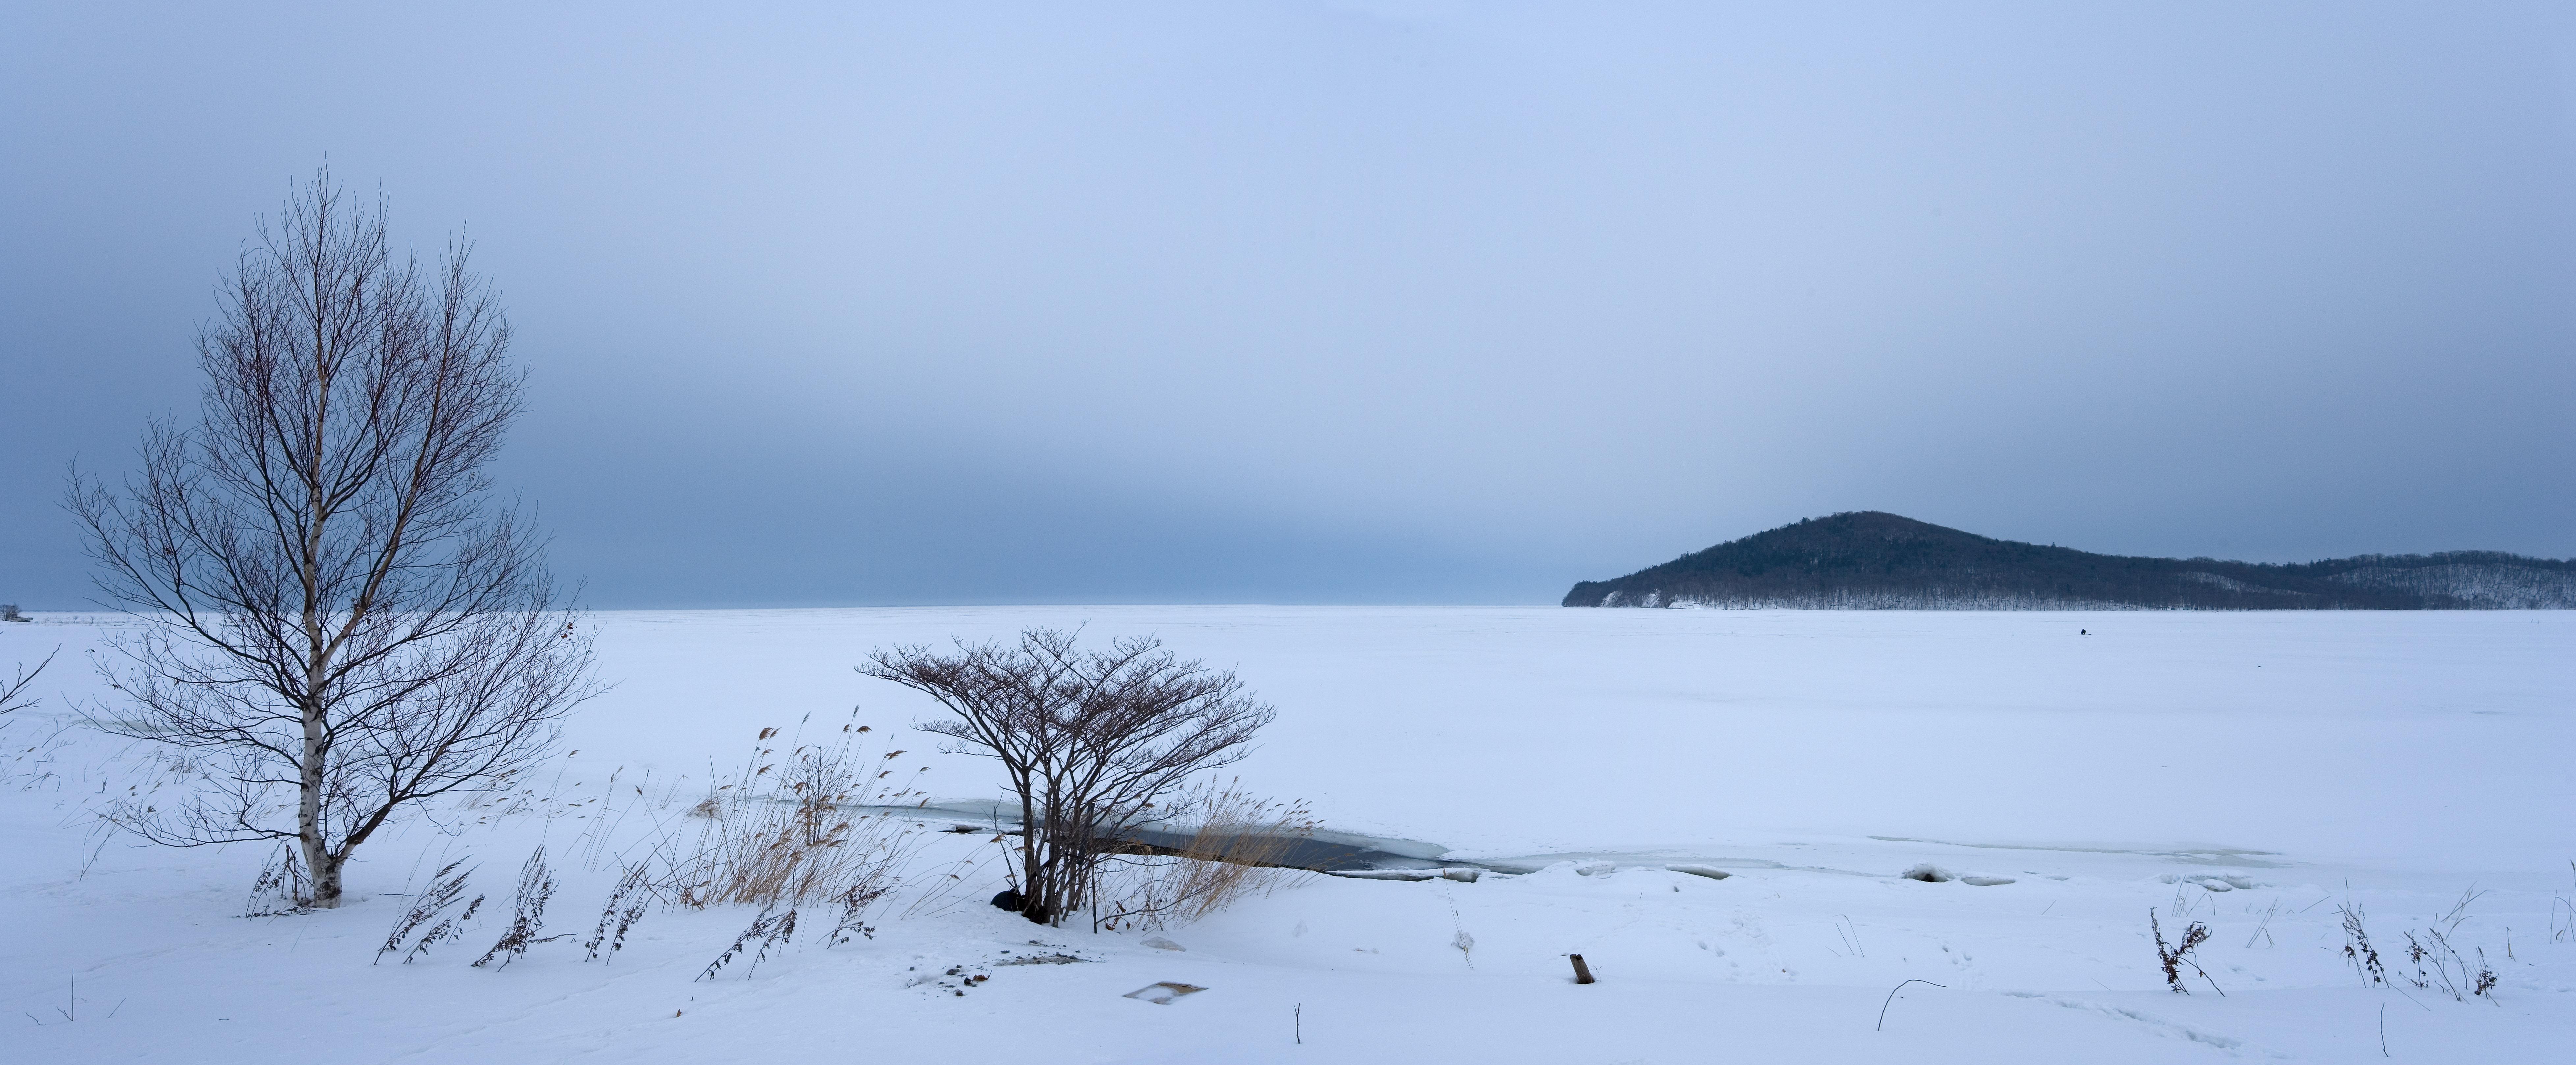 ゆんフリー写真素材集 No 3346 サロマ湖の冬 日本 北海道